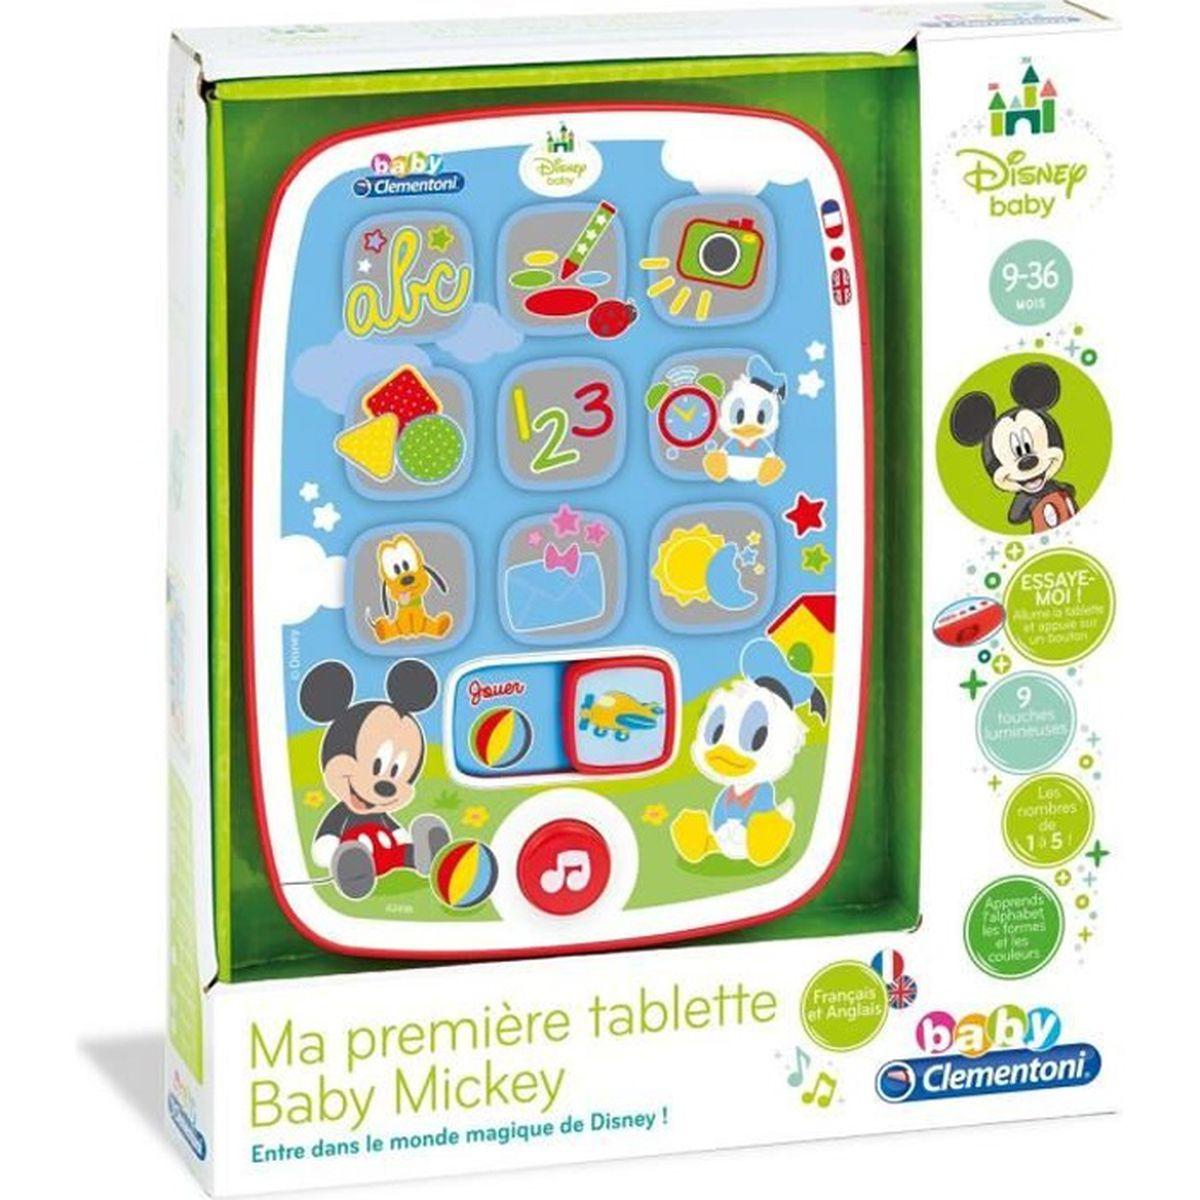 Tablette Enfant Bebe Disney Mickey Musicale Jeux Electronique Educatif Multimedia Lettre Couleur Forme Chiffres Cadeau Jouet Noel